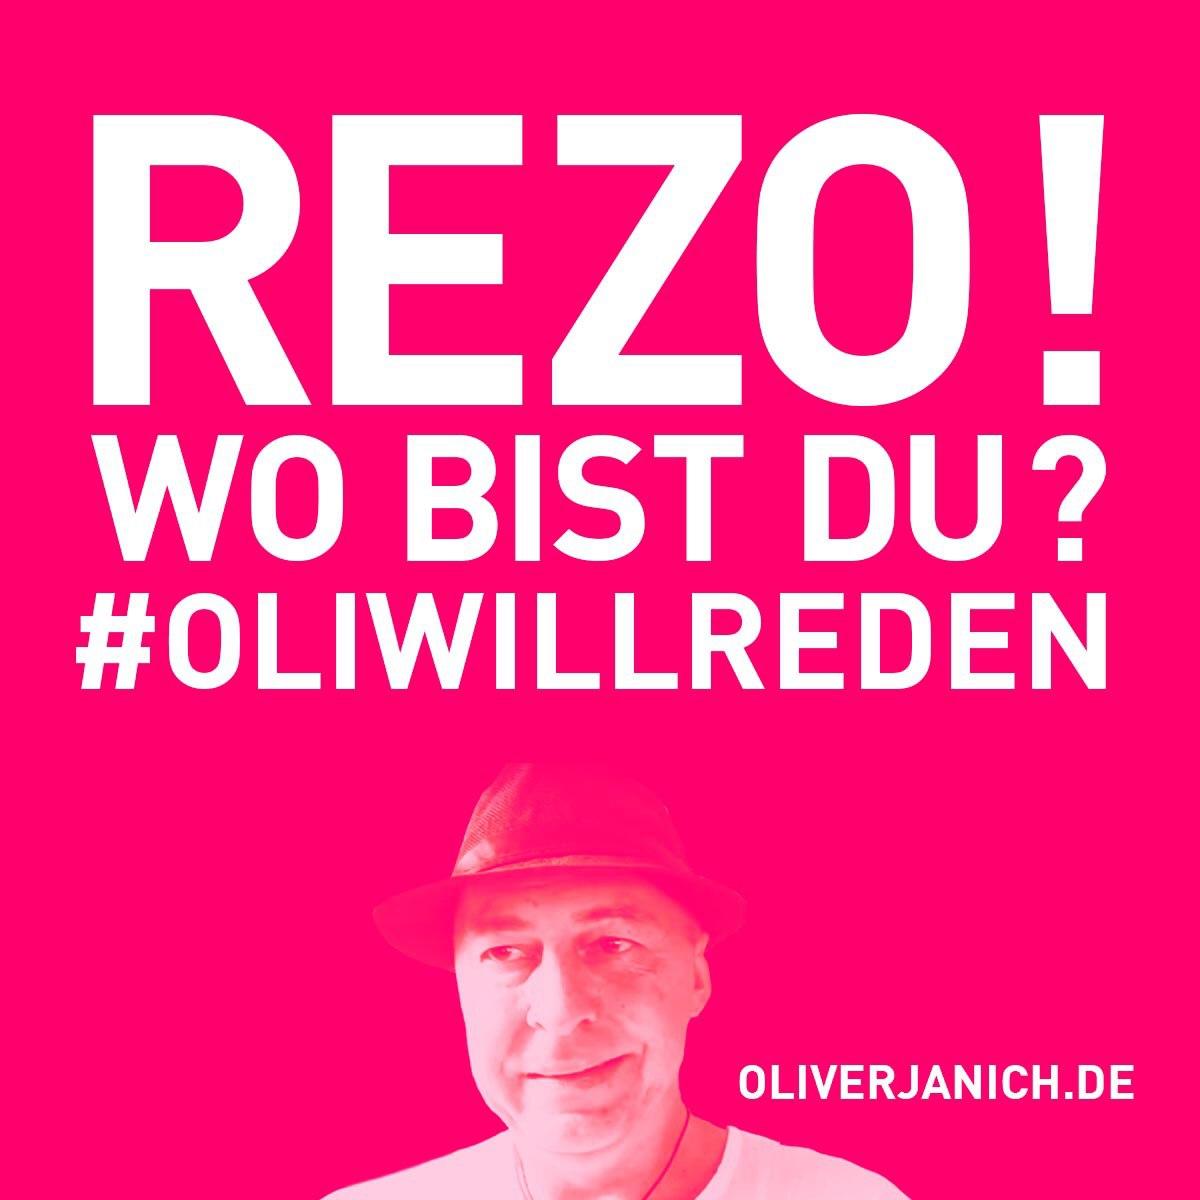 #OliWillReden Klimadebatte Oliver Janich Klimawandel #Rezo  Propaganda Meinungsfreiheit  90+ YouTuber